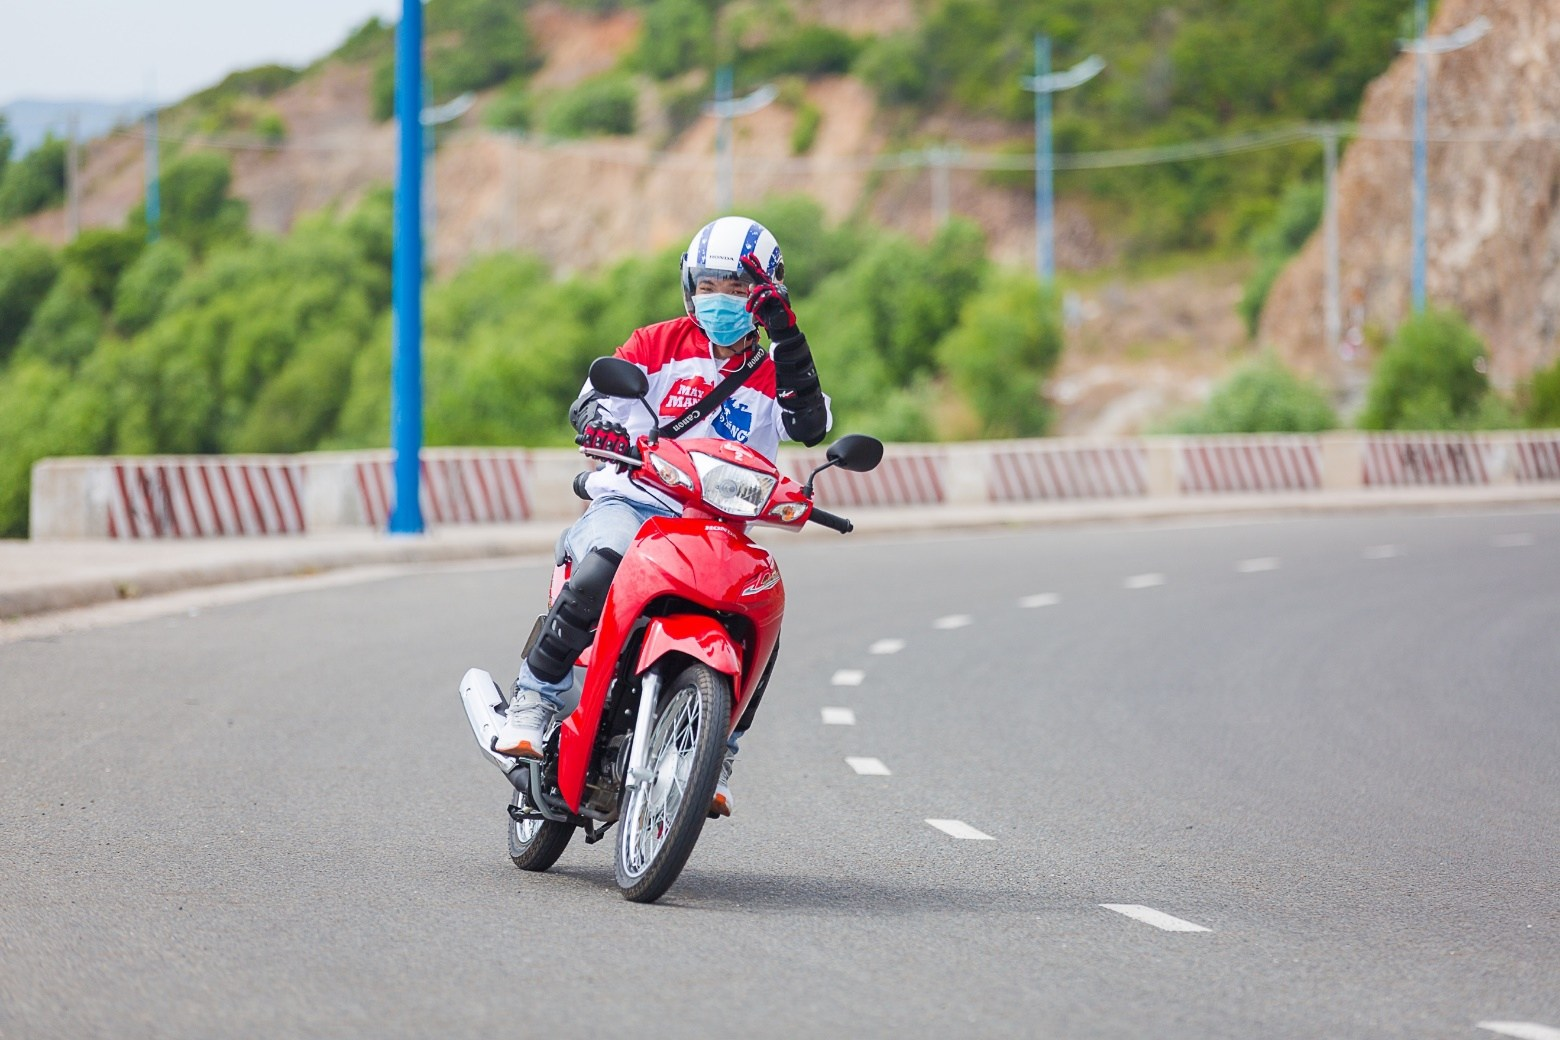 Top địa chỉ cho thuê xe máy Quy Nhơn Bình Định giá rẻ, chỉ từ 100k